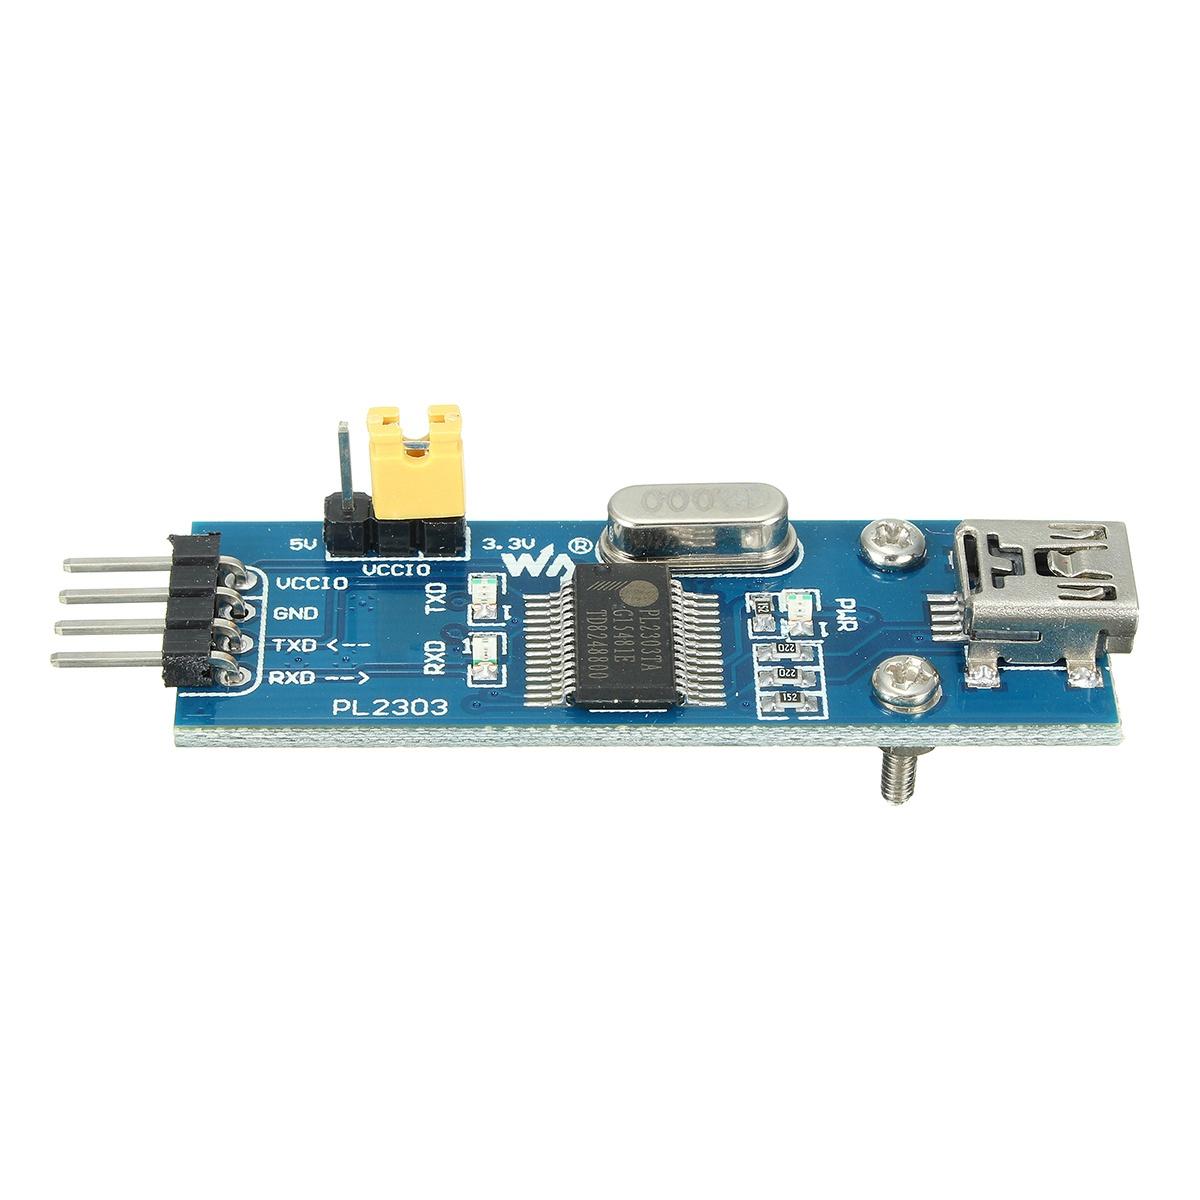 TXD//RXD//POWER LED UART interface VCC 5V or 3.3V PL2303 USB UART Board mini